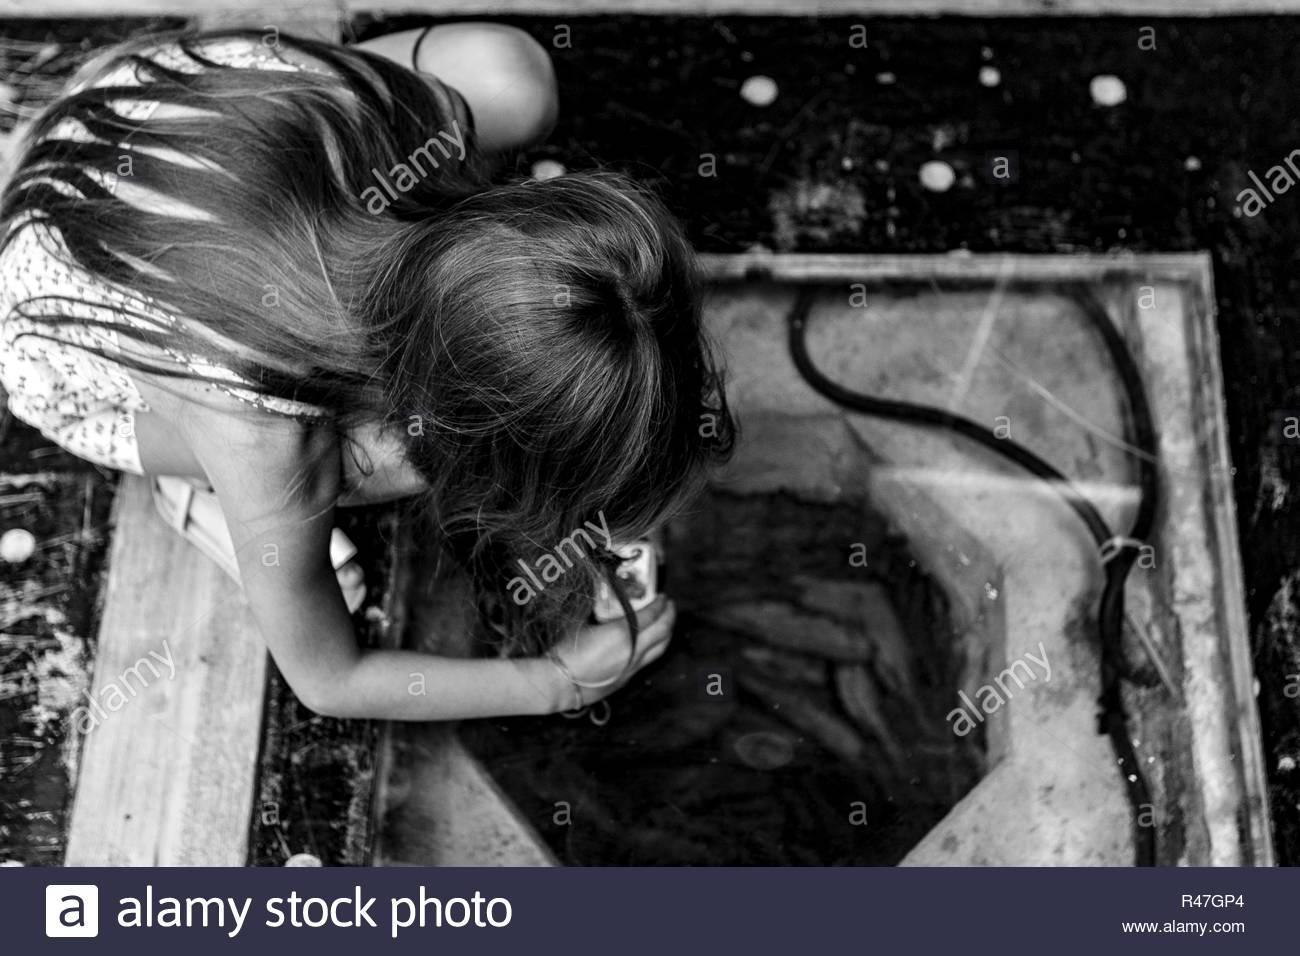 Bozcaada Summer 2015 photos by Hulki Okan Tabak. Young girl photographing through a glass tile where below lies an old cellar. - Stock Image